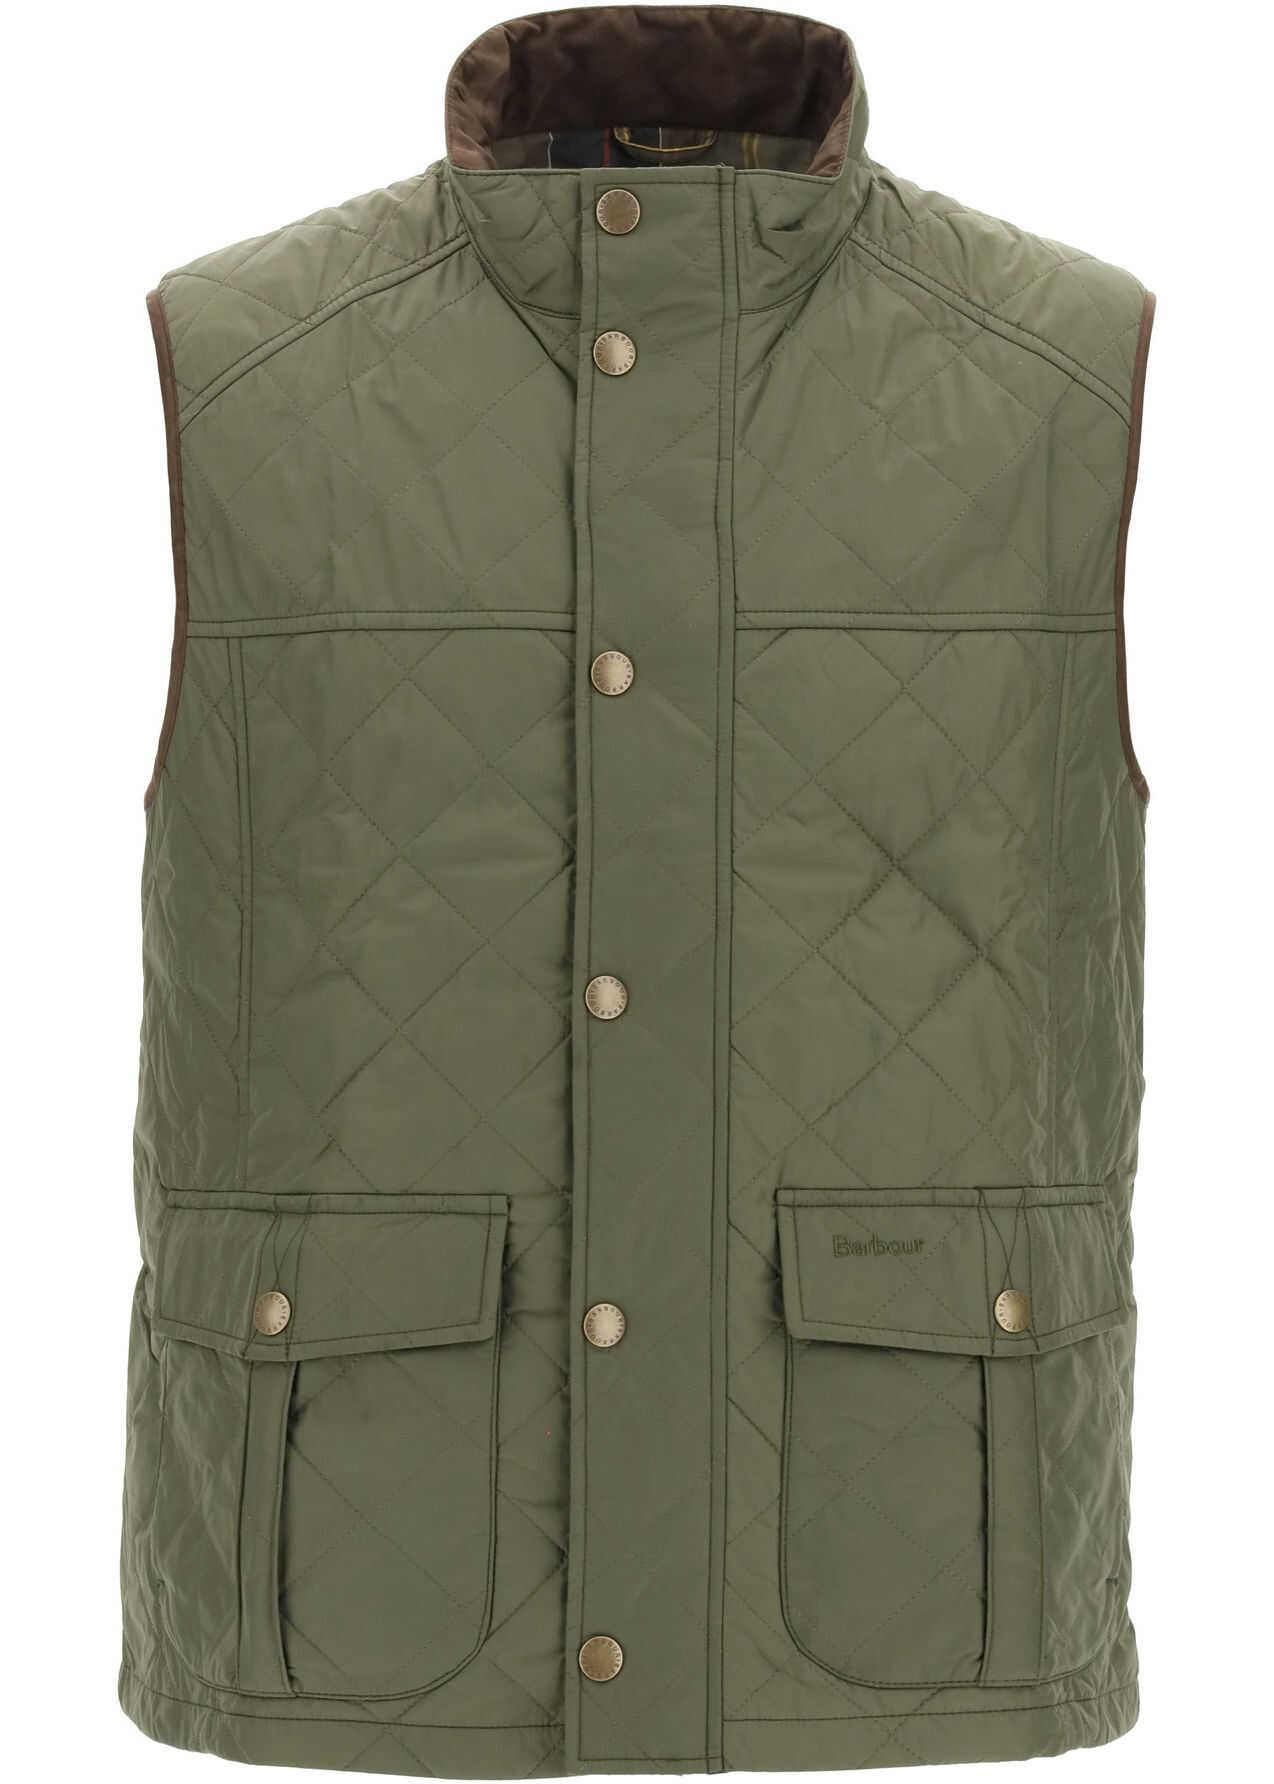 Barbour Explorer Vest MID OLIVE imagine